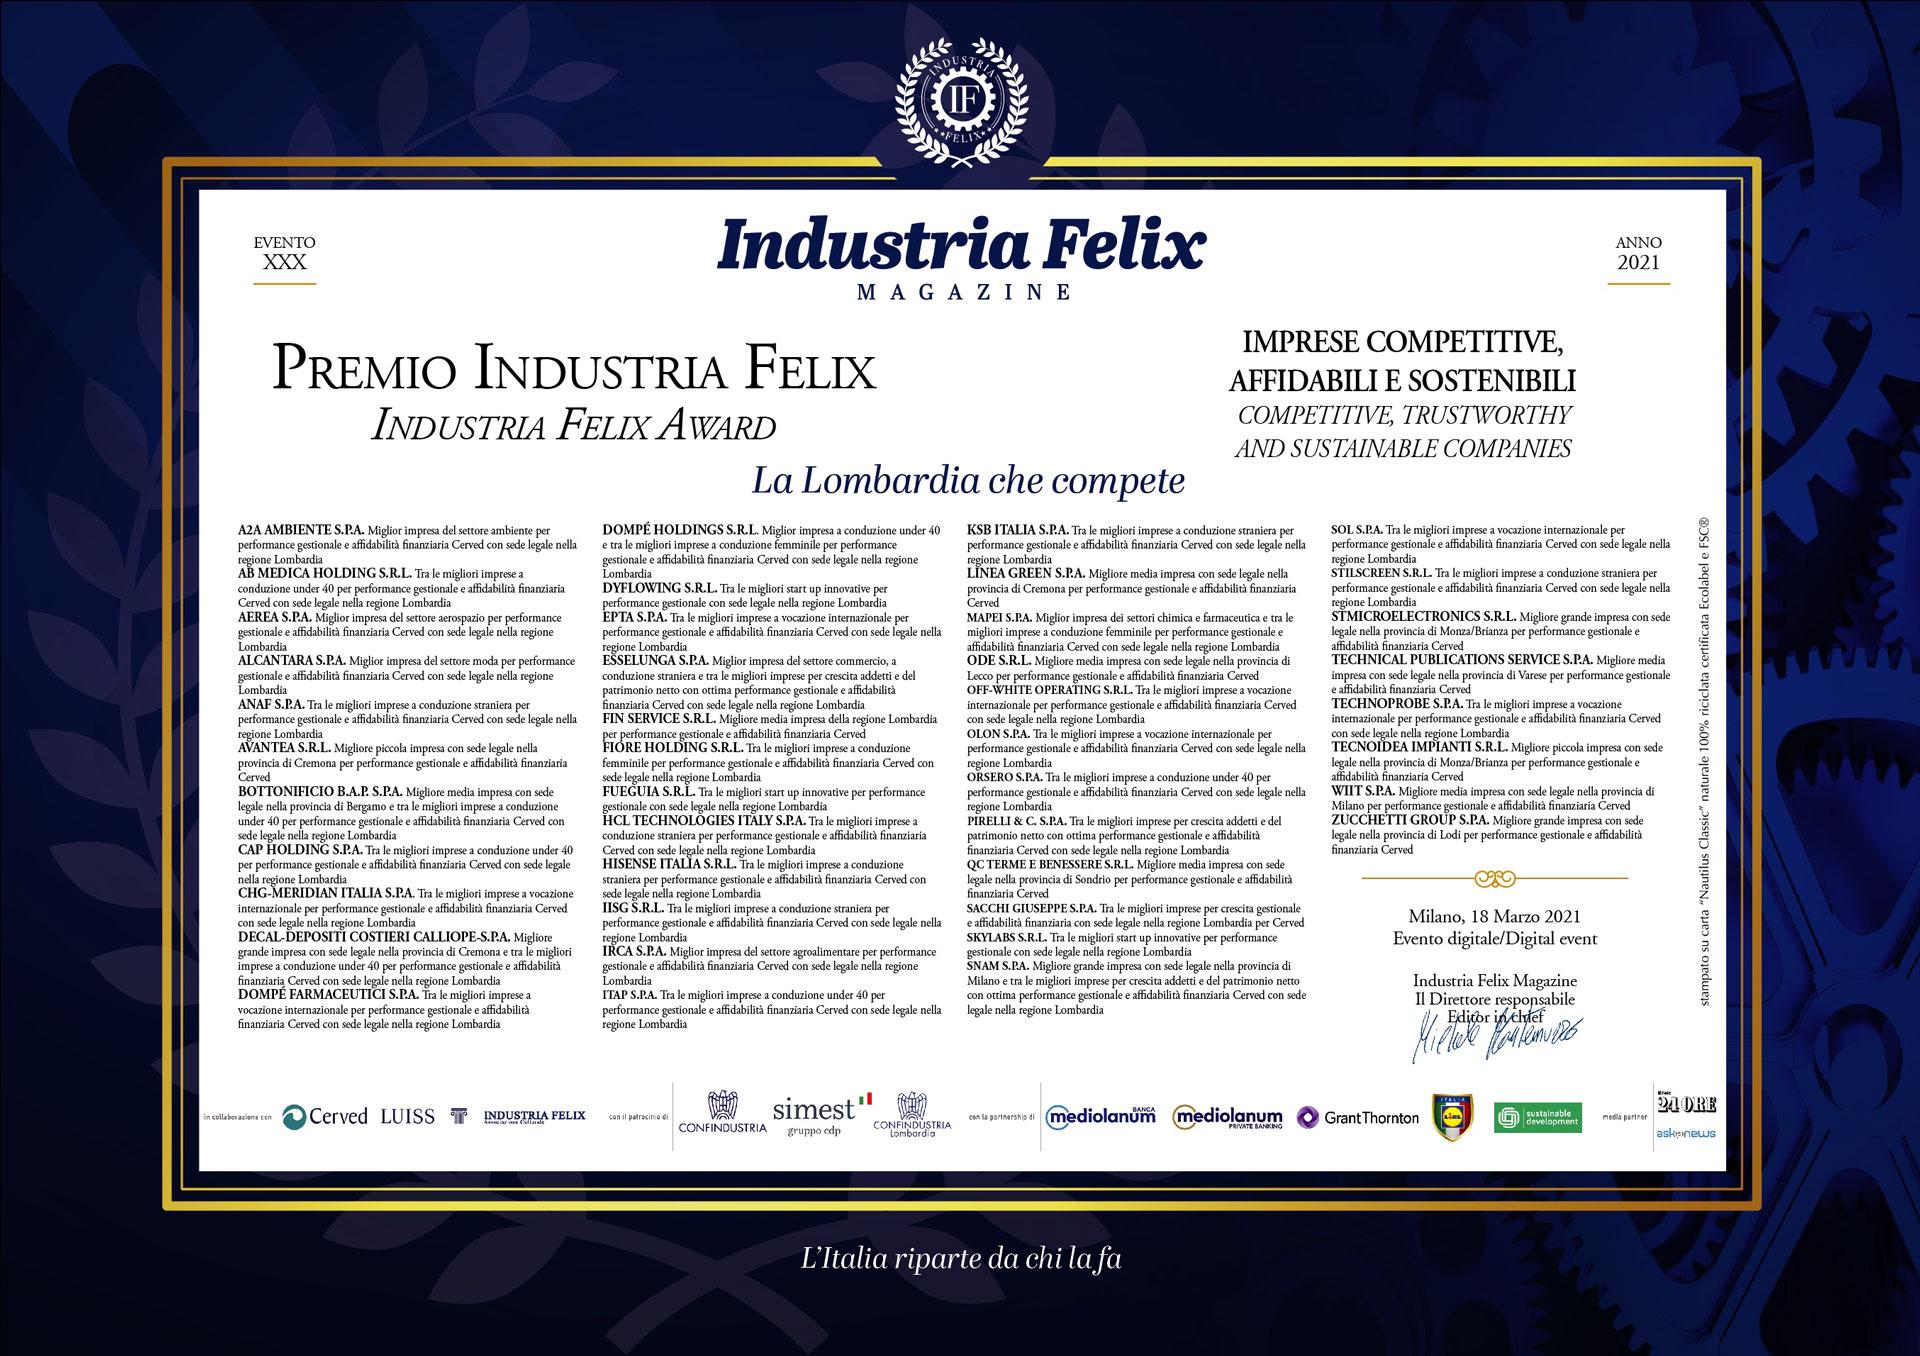 Albo d'Oro 2021: Veneto, Trentino Alto Adige, Friuli Venezia Giulia (22/04/2021)